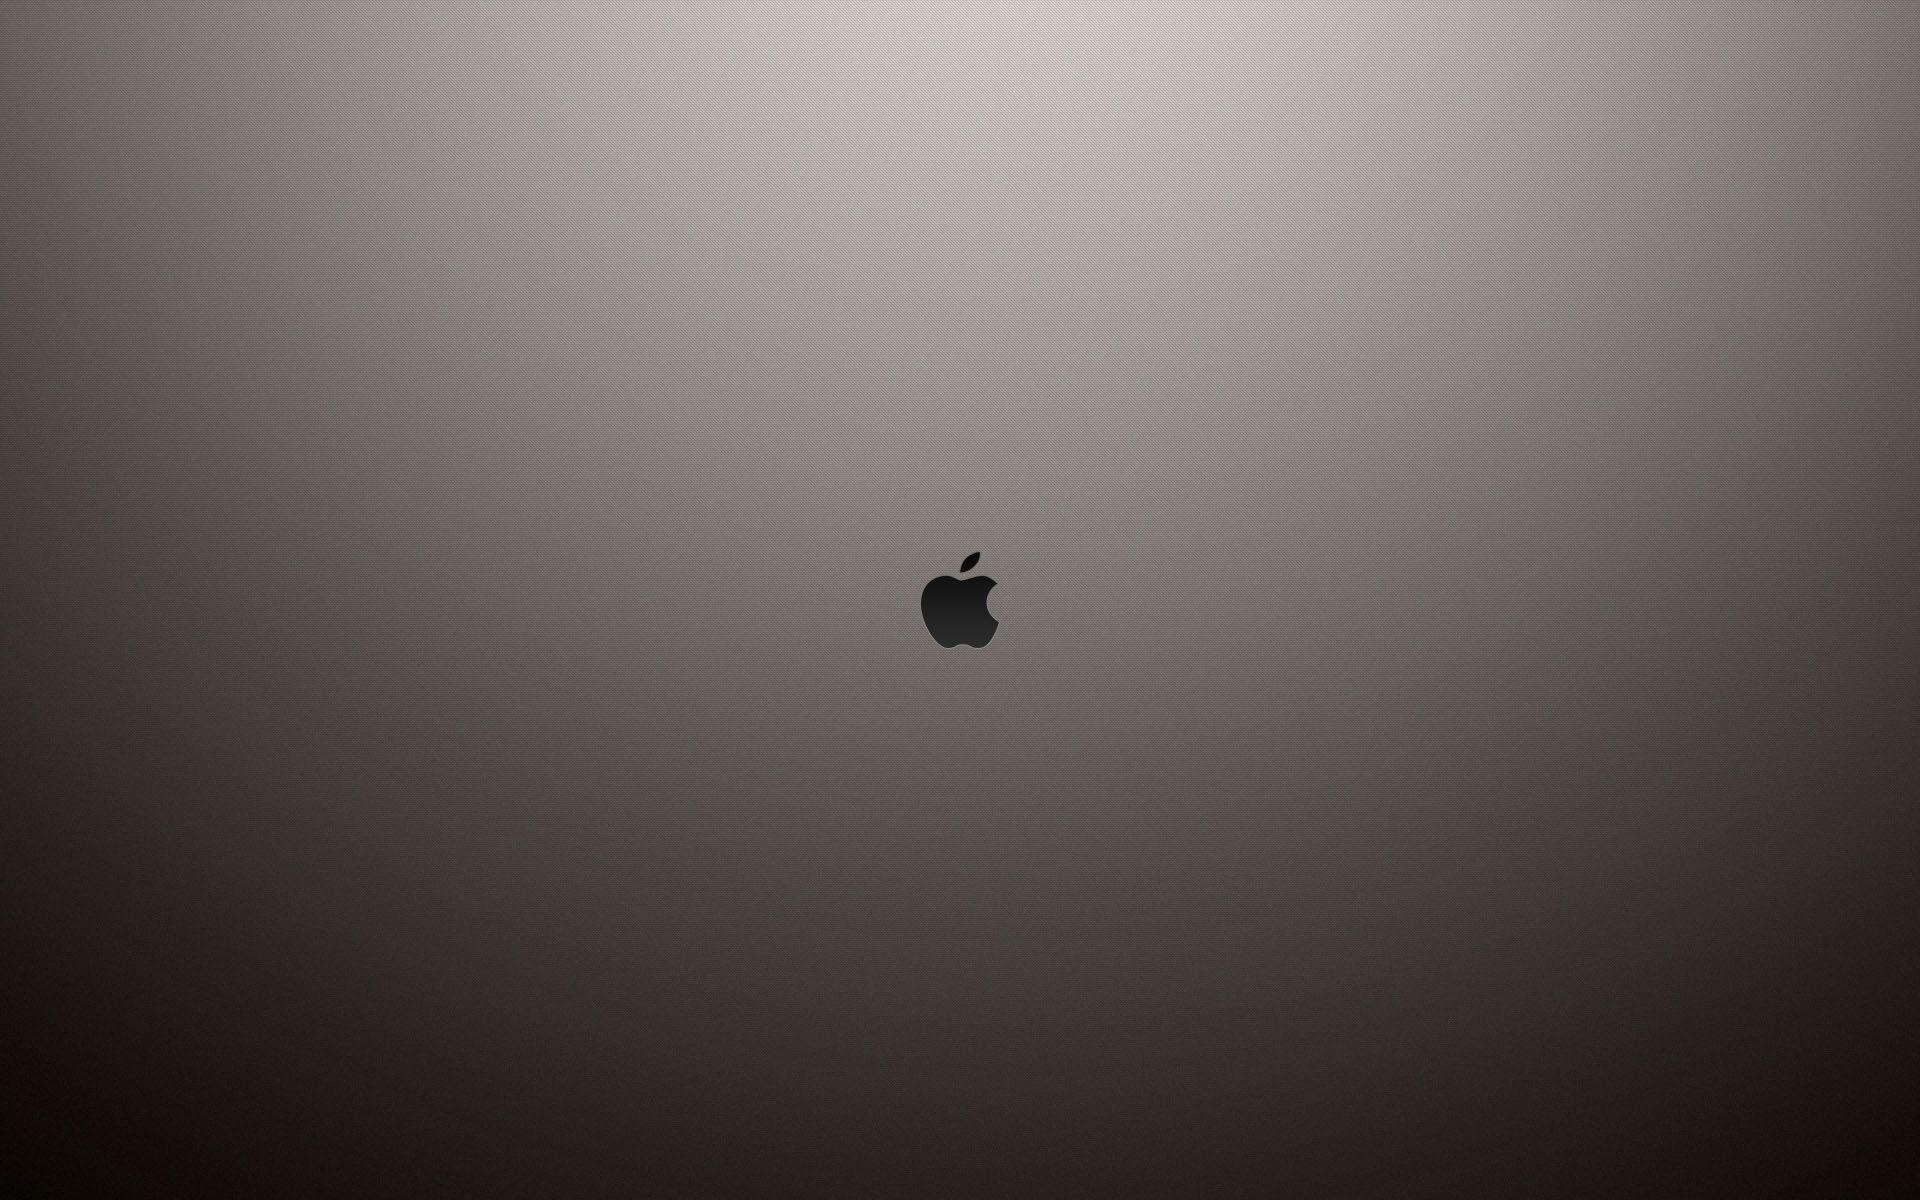 Apple Logo Wallpaper 4k For Mac